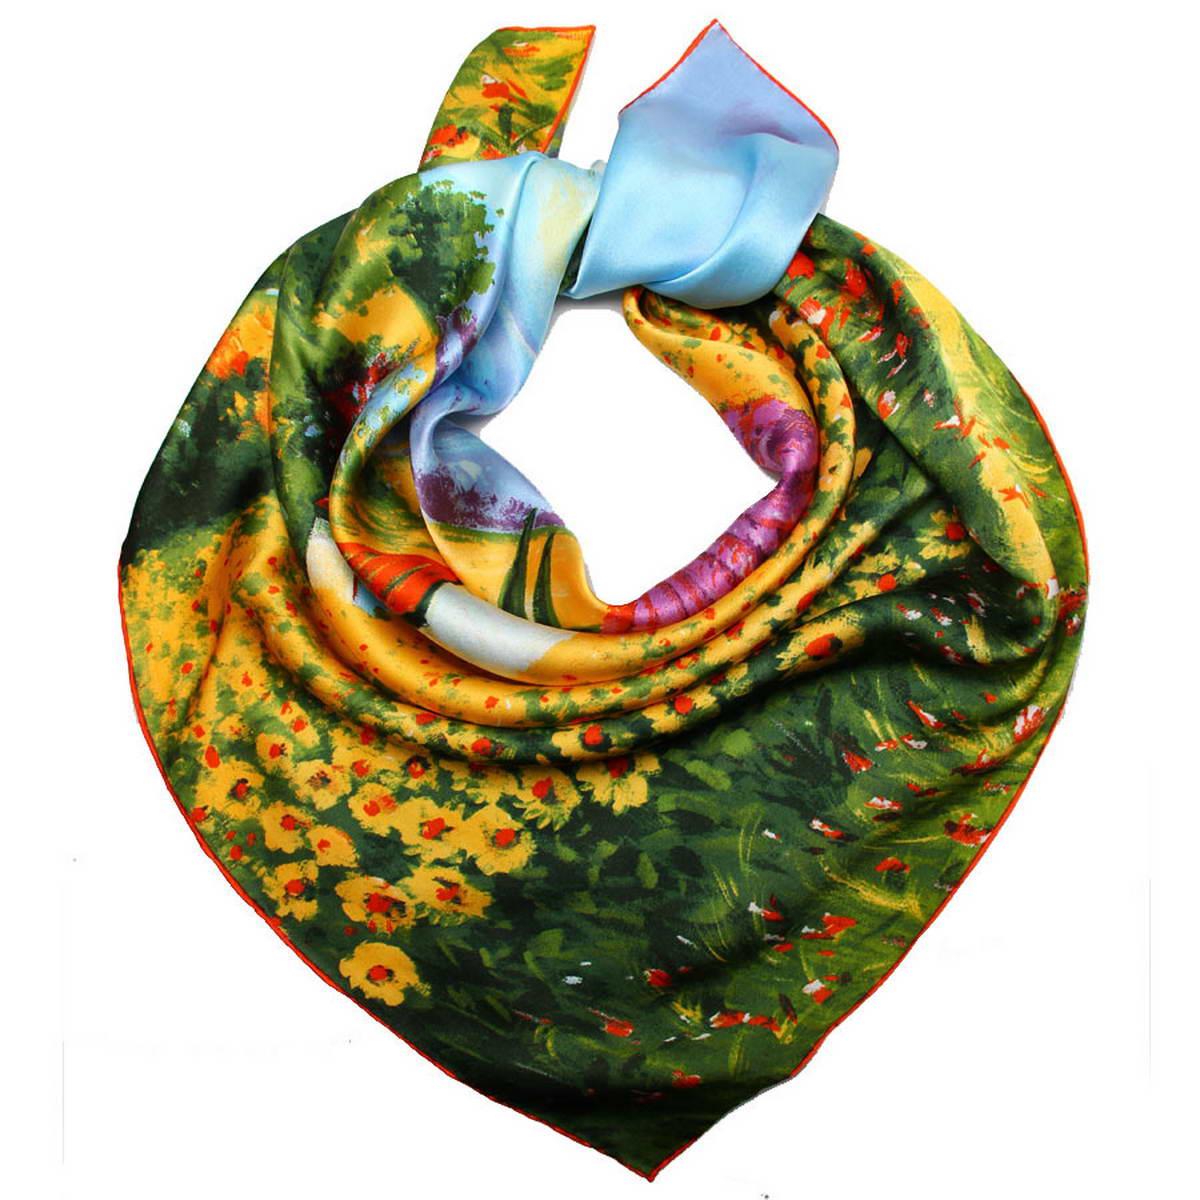 Платок1810912-8Стильный женский платок Venera станет великолепным завершением любого наряда. Платок изготовлен из высококачественного 100% шелка и оформлен красочным принтом с изображением пасторального пейзажа. Классическая квадратная форма позволяет носить платок на шее, украшать им прическу или декорировать сумочку. Легкий, мягкий и шелковистый платок поможет вам создать изысканный женственный образ, а также согреет в непогоду. Такой платок превосходно дополнит любой наряд и подчеркнет ваш неповторимый вкус и элегантность.